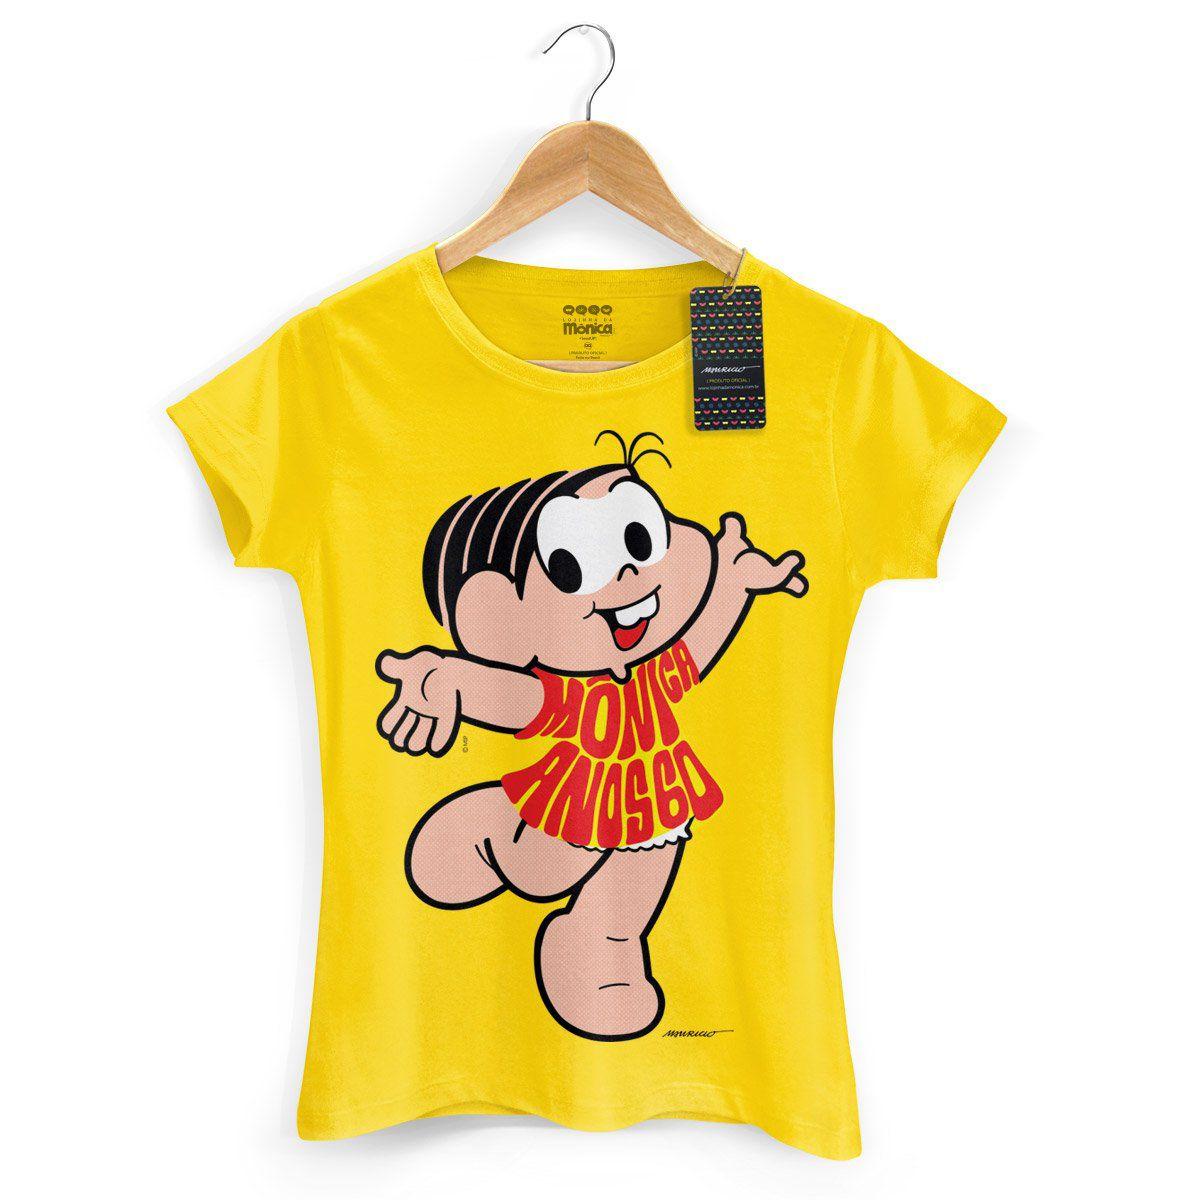 Camiseta Feminina Turma da Mônica 50 Anos Modelo 5 Anos 60